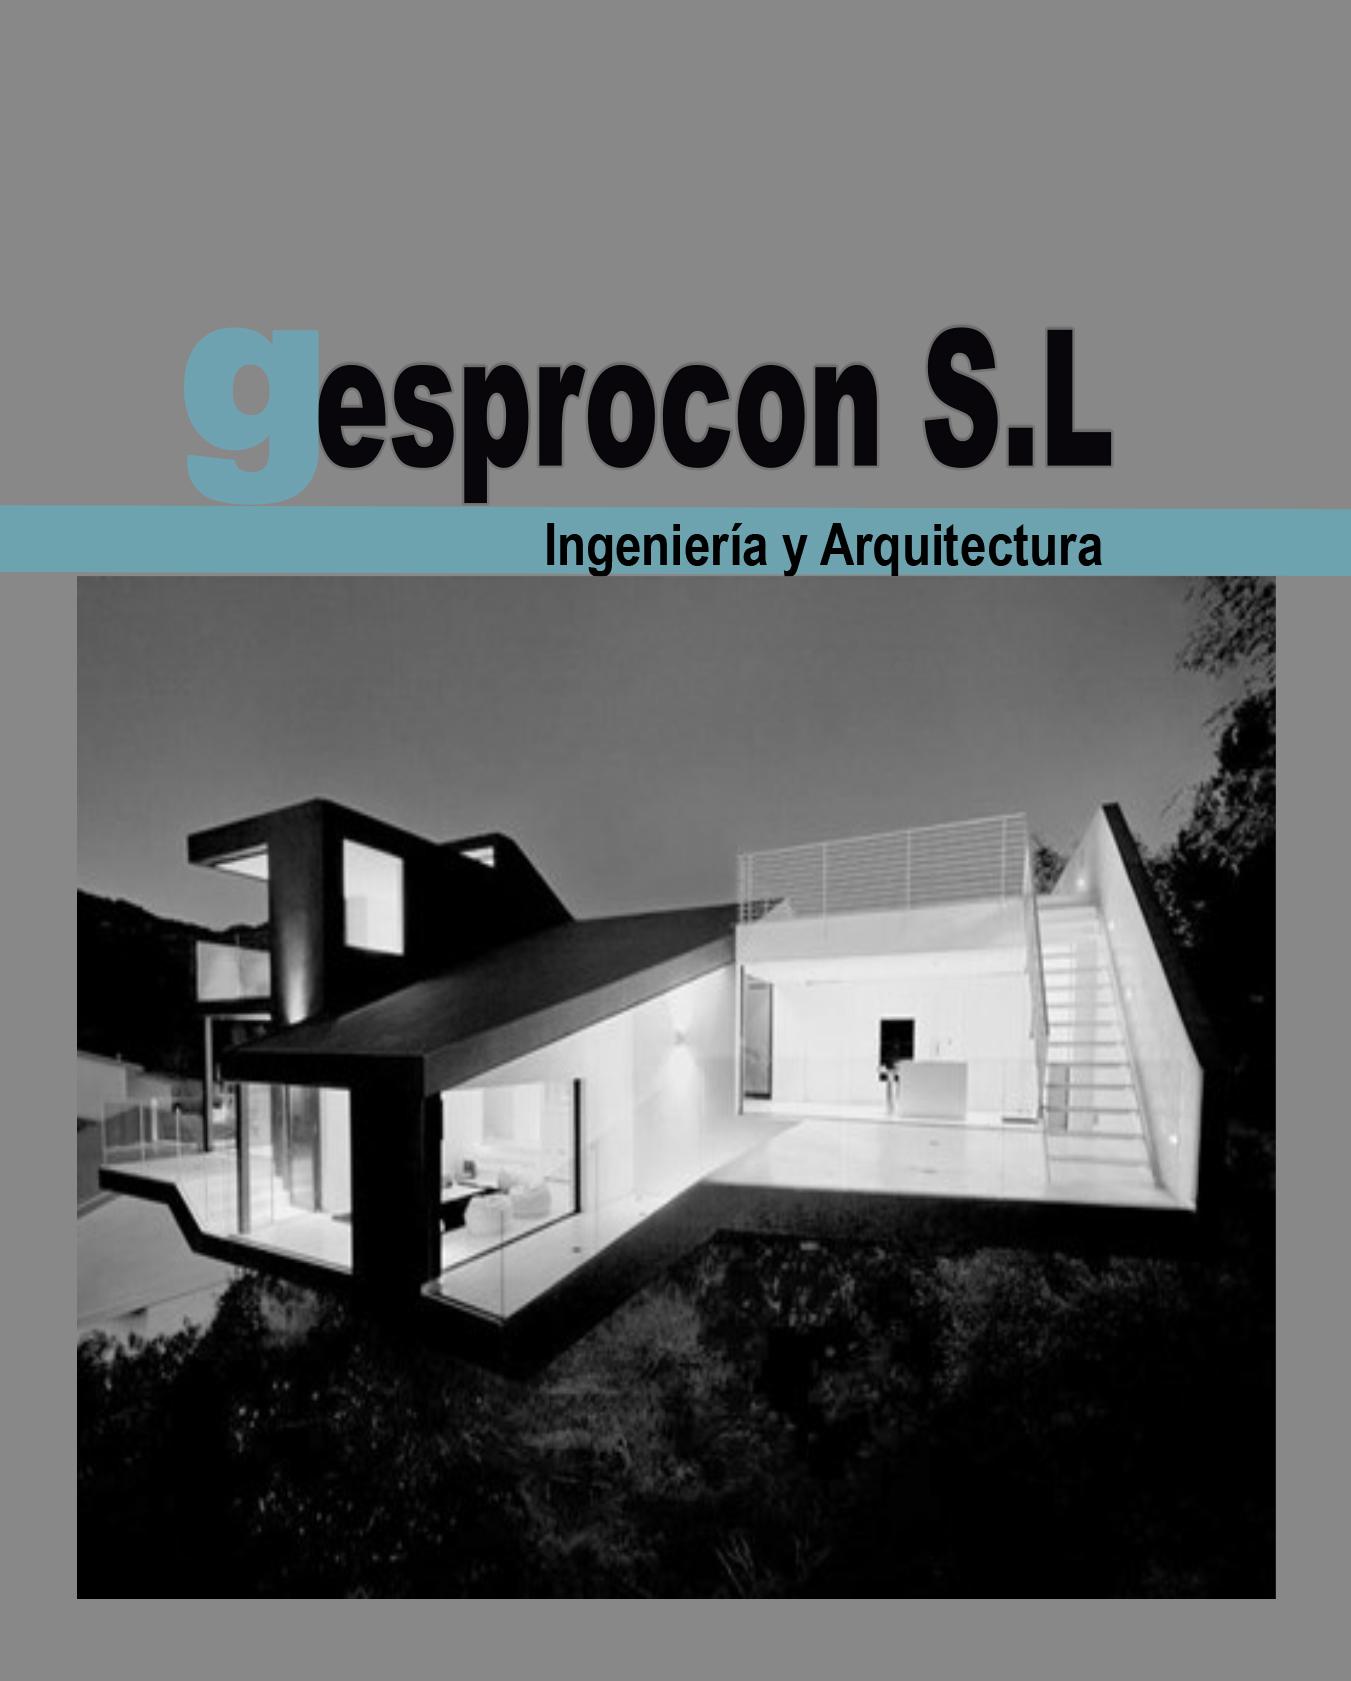 Gesprocón_ingeniería Y Arquitectura